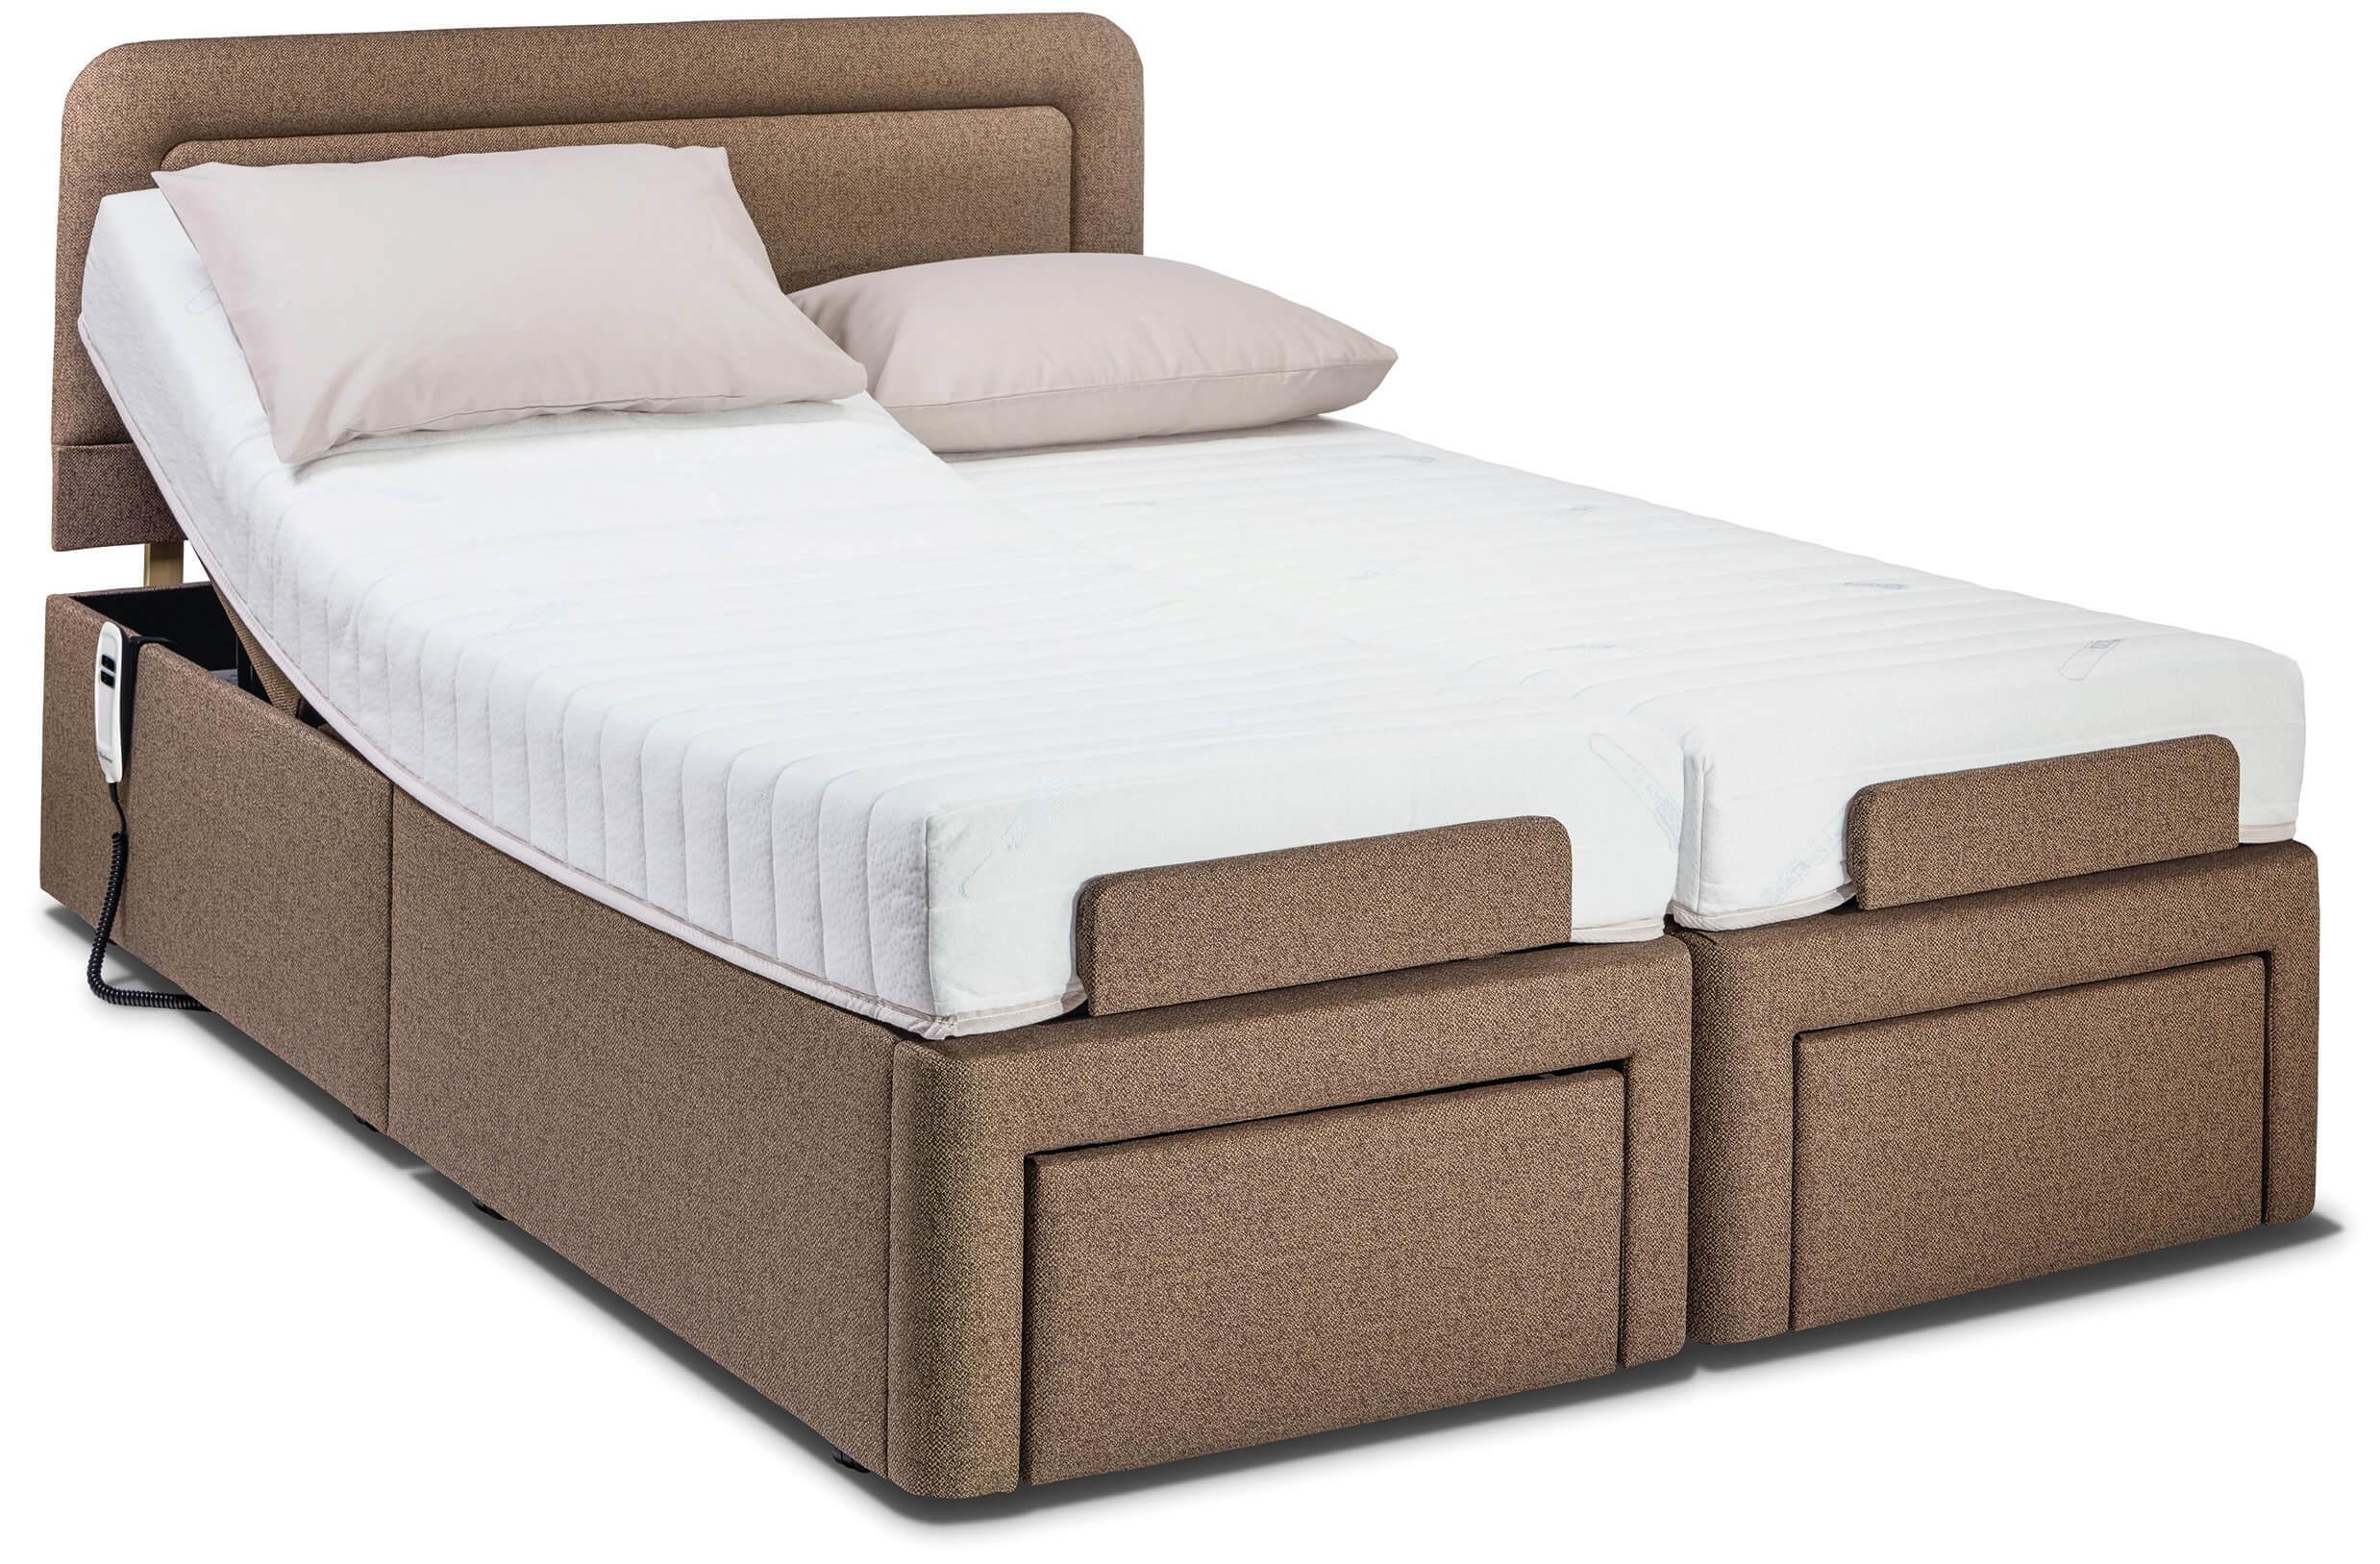 Dorchester Adjustable Bed